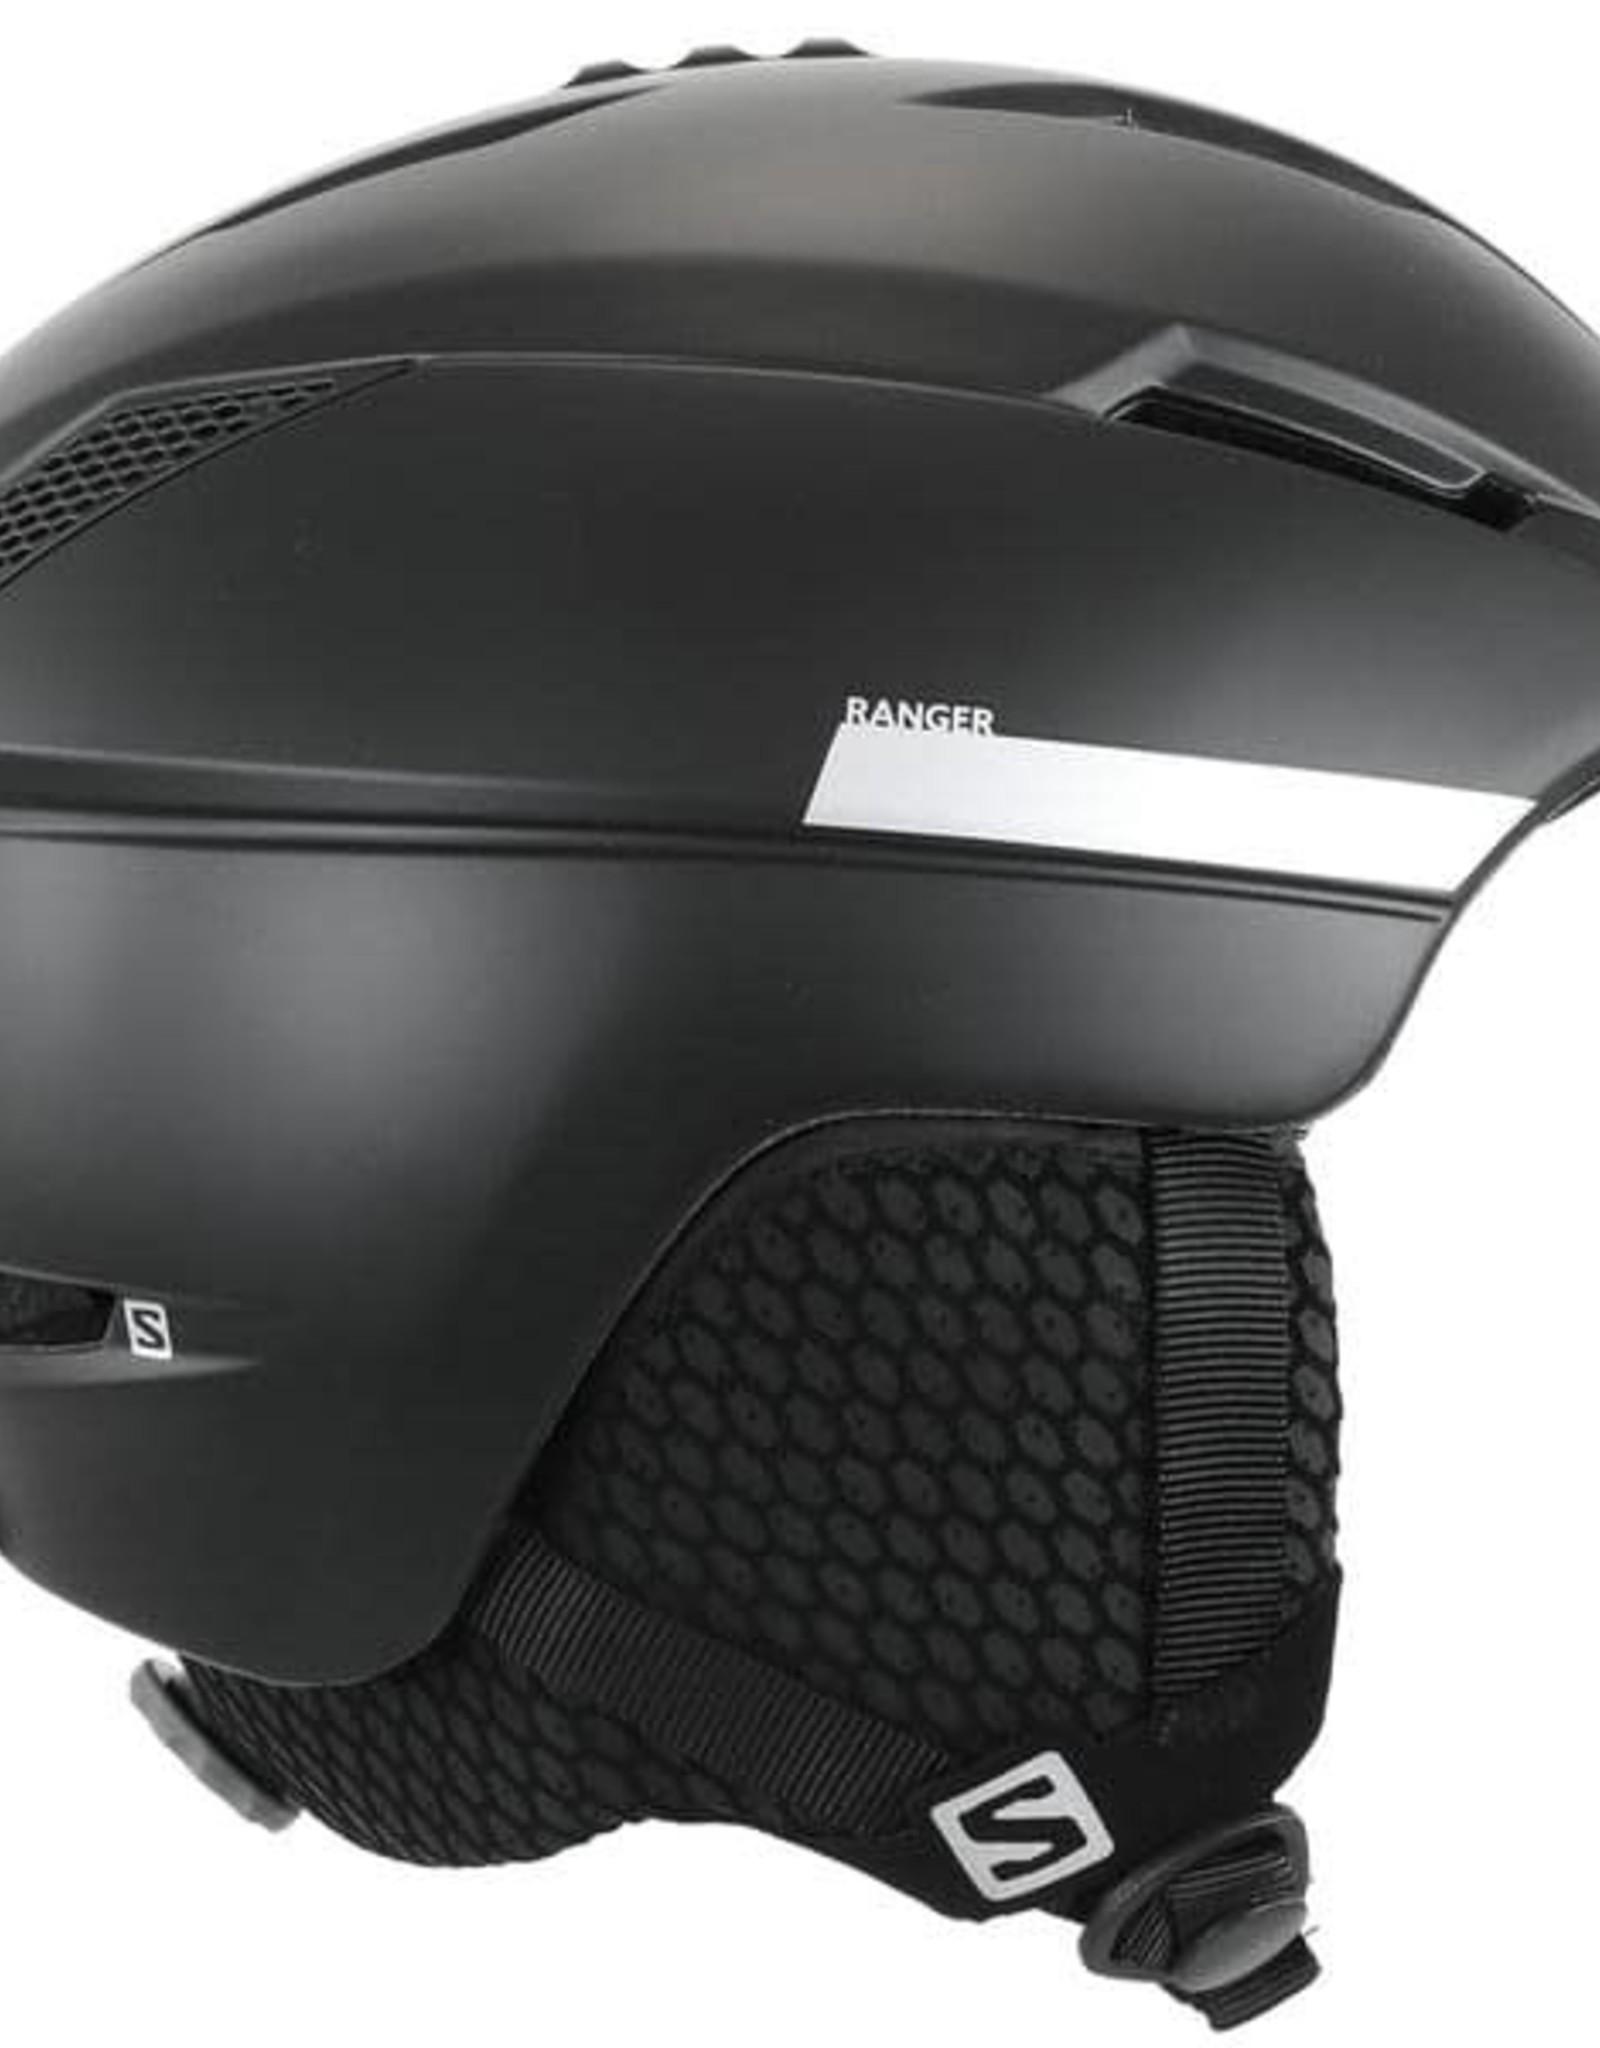 Salomon SALOMON Snow Helmet RANGER